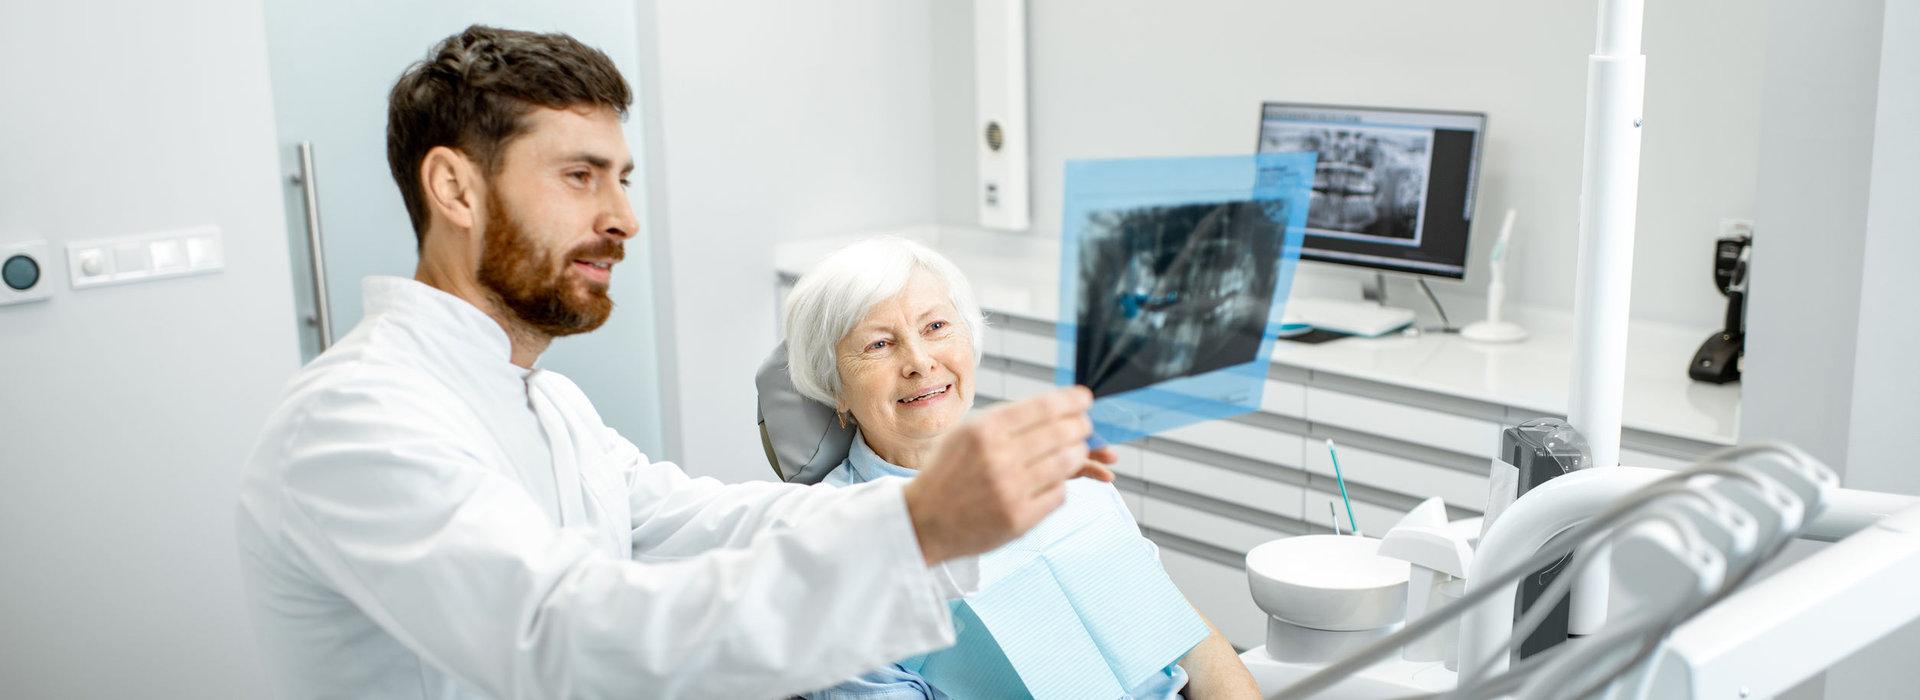 Tandläkare och tandvård i Spanien